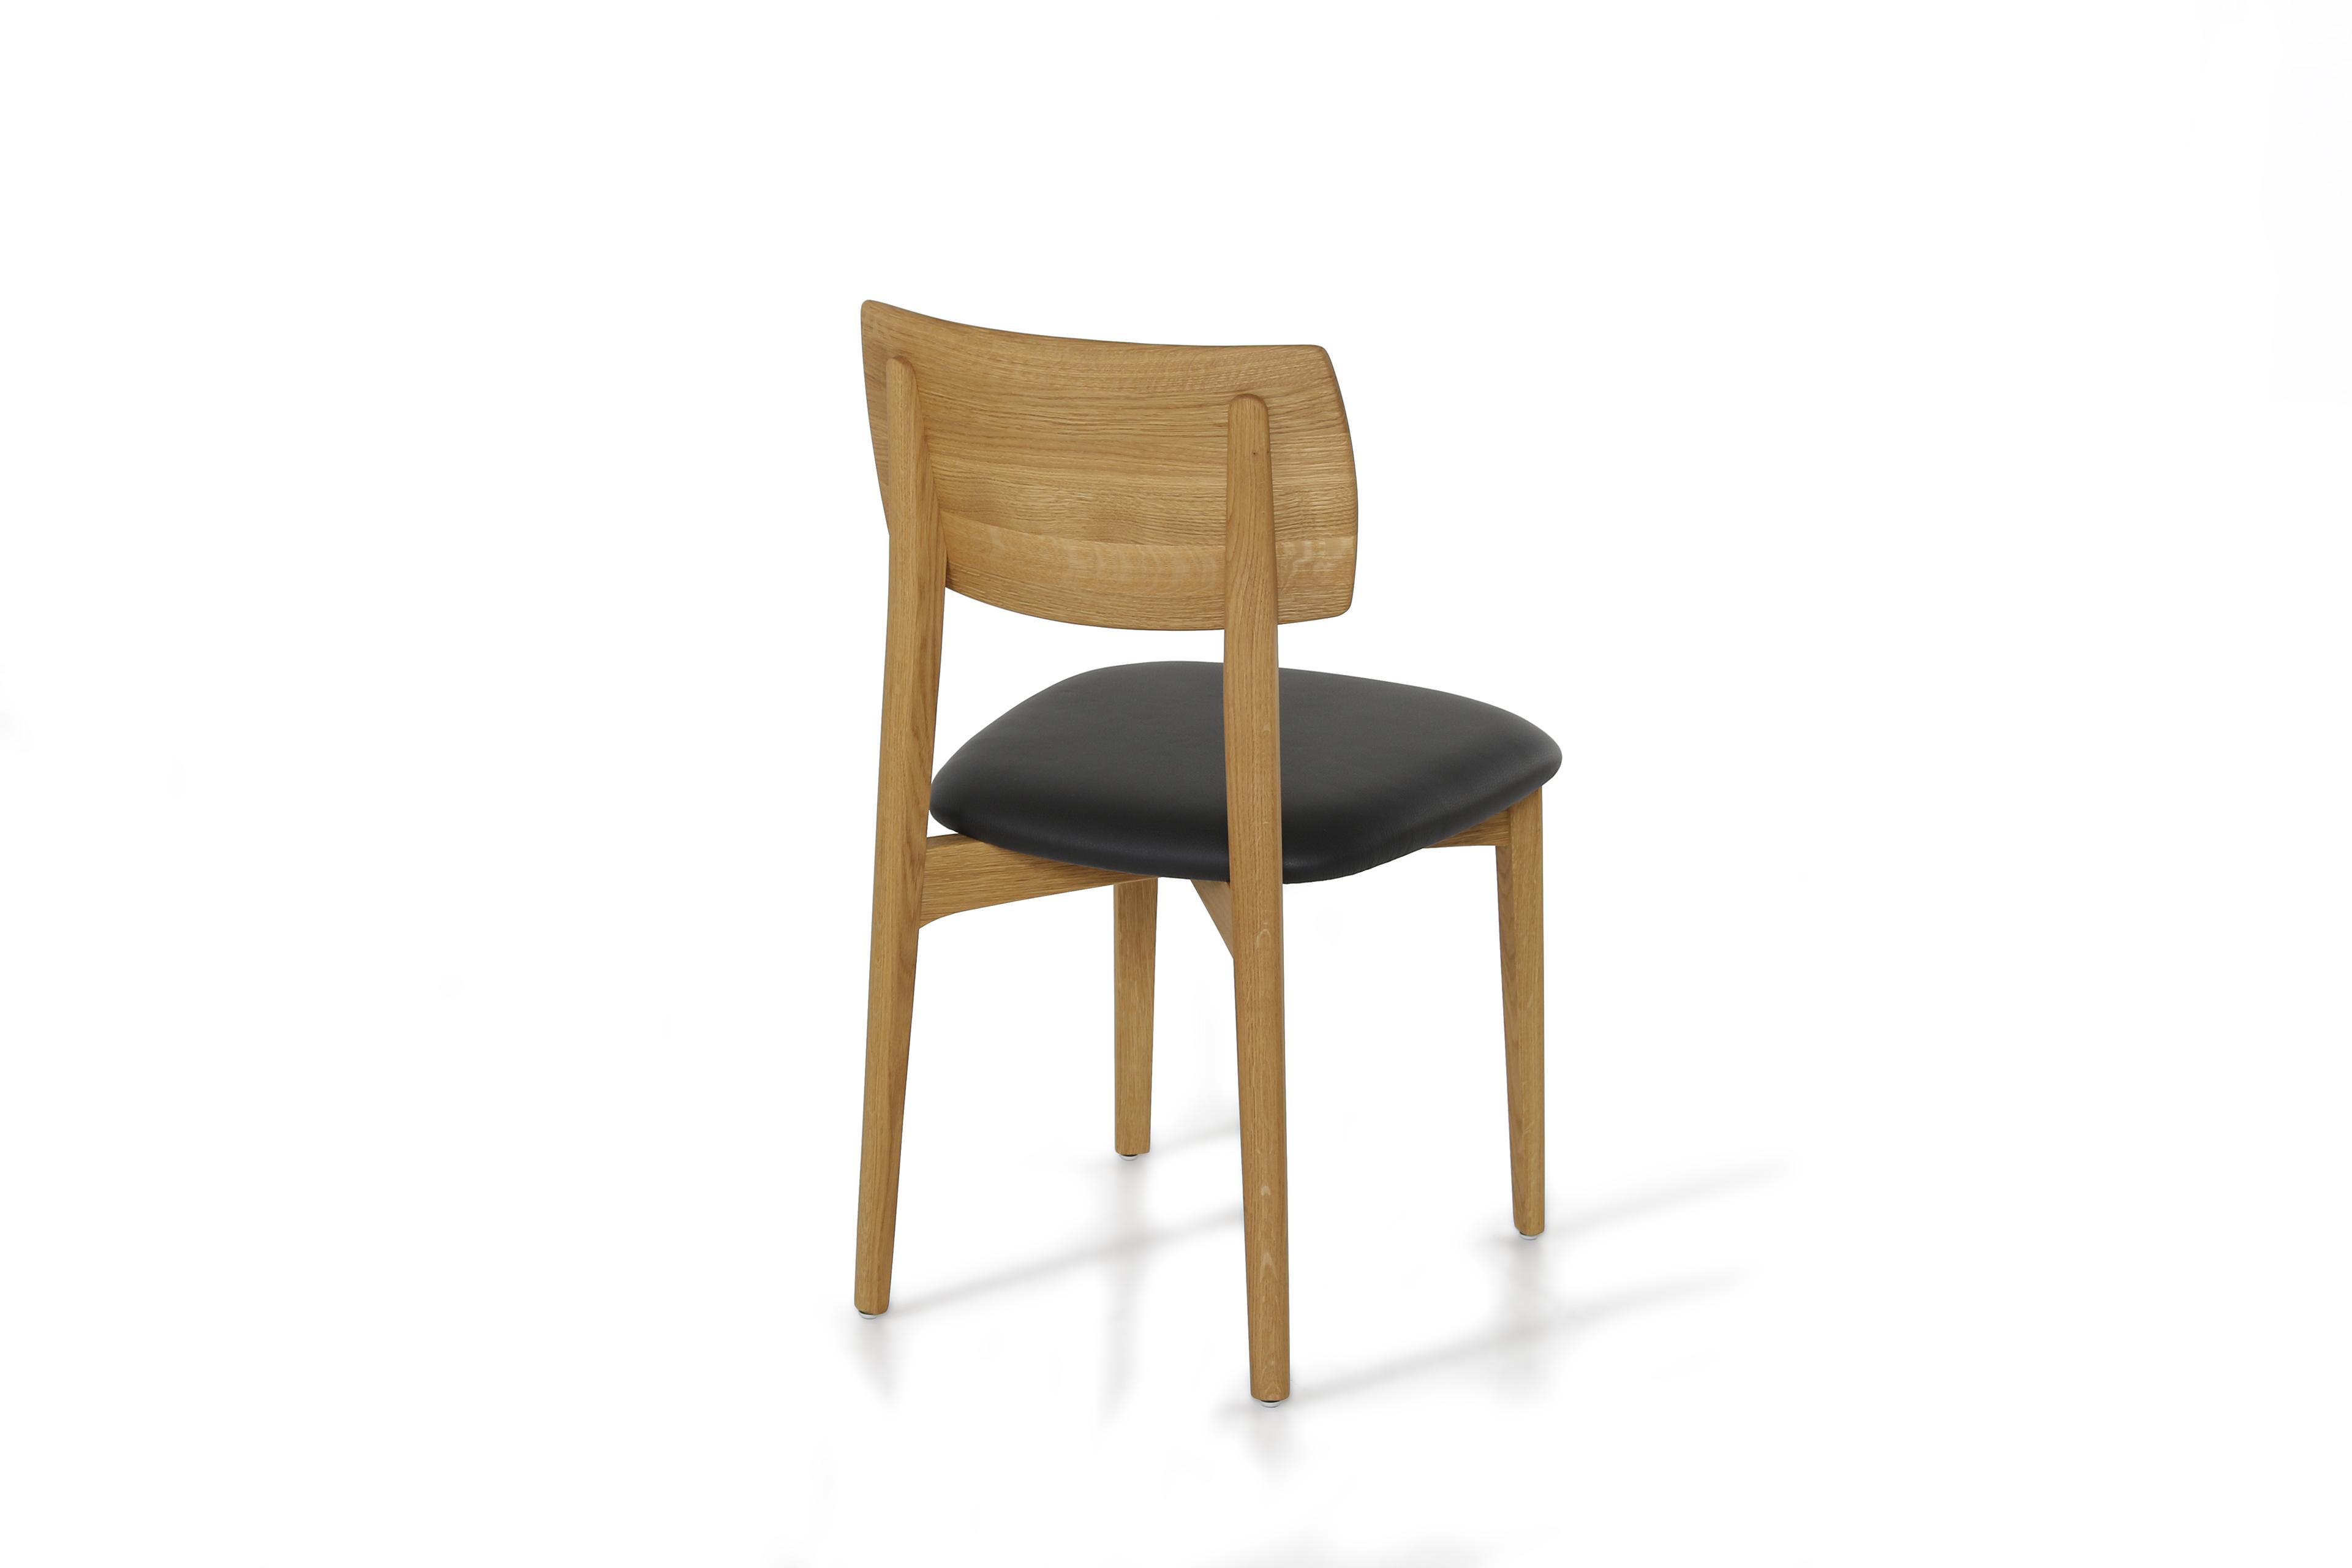 esszimmer s kultur wildeiche leder schwarz von w stmann m bel letz ihr online shop. Black Bedroom Furniture Sets. Home Design Ideas